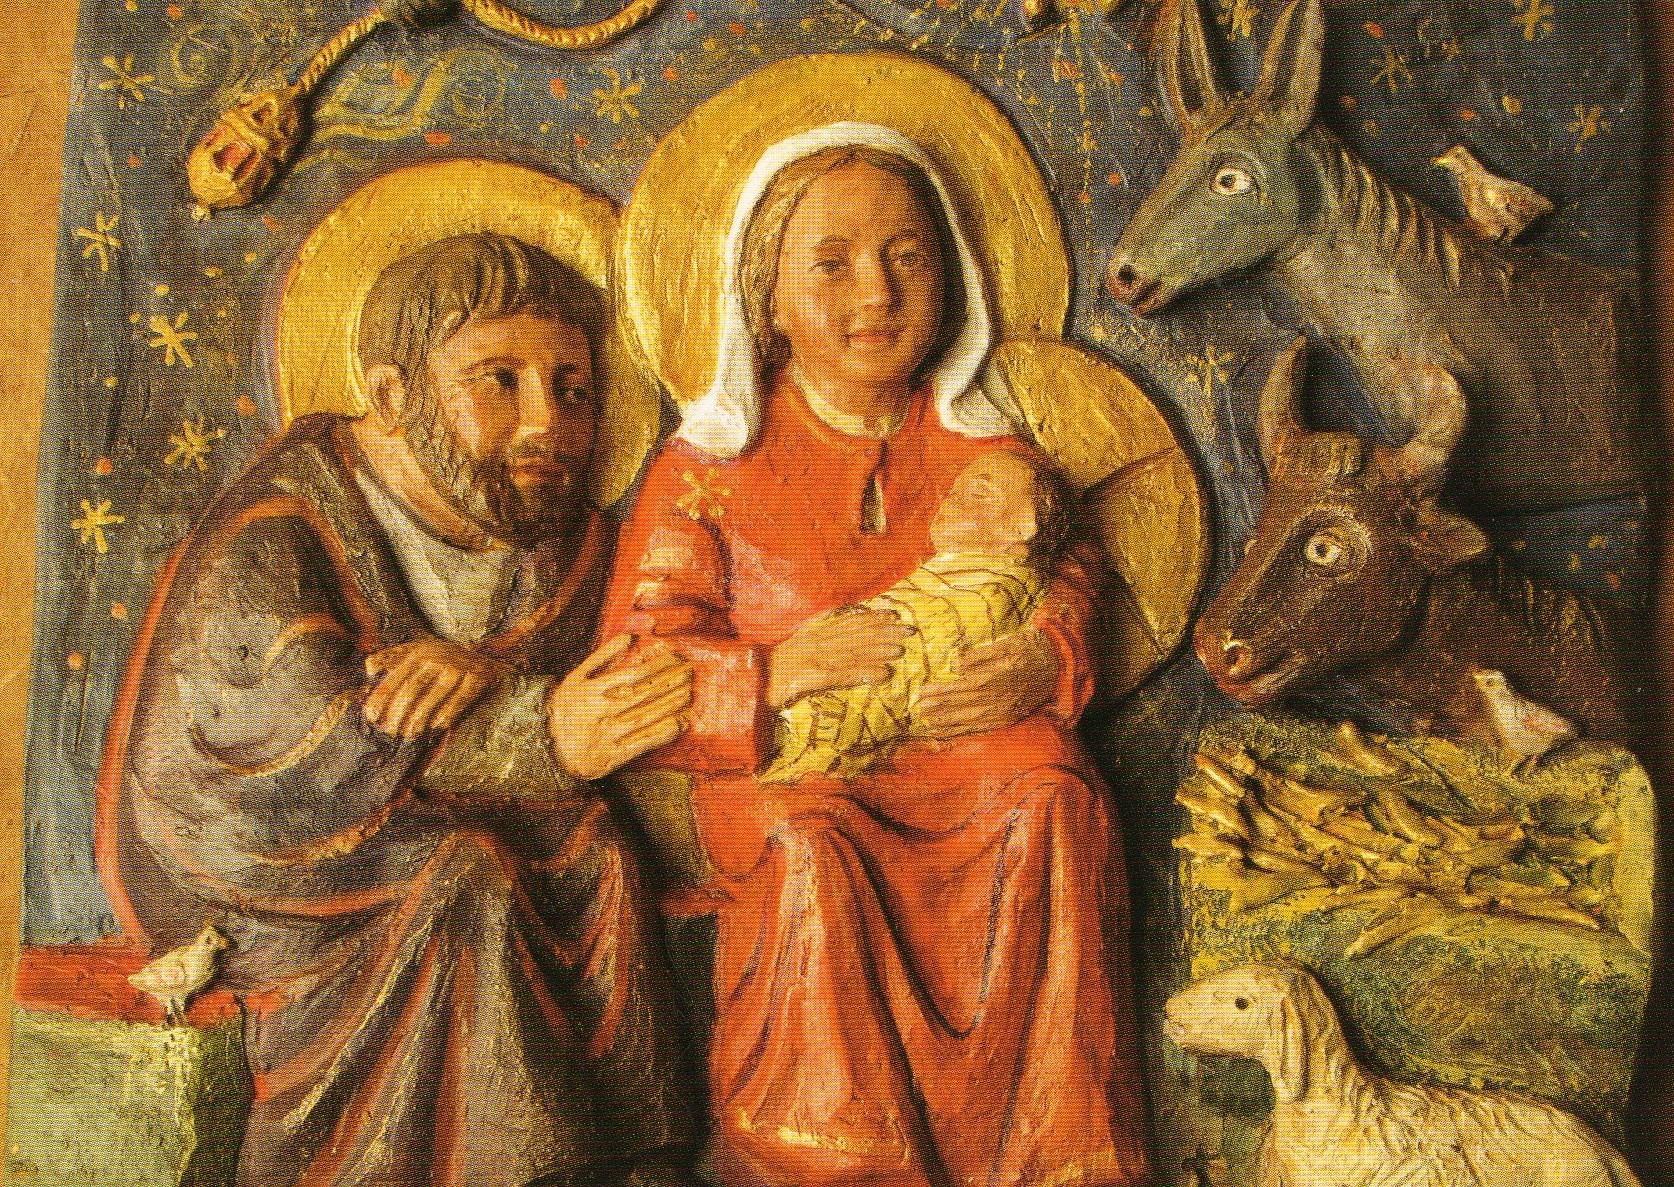 La beauté de la crèche de Noël